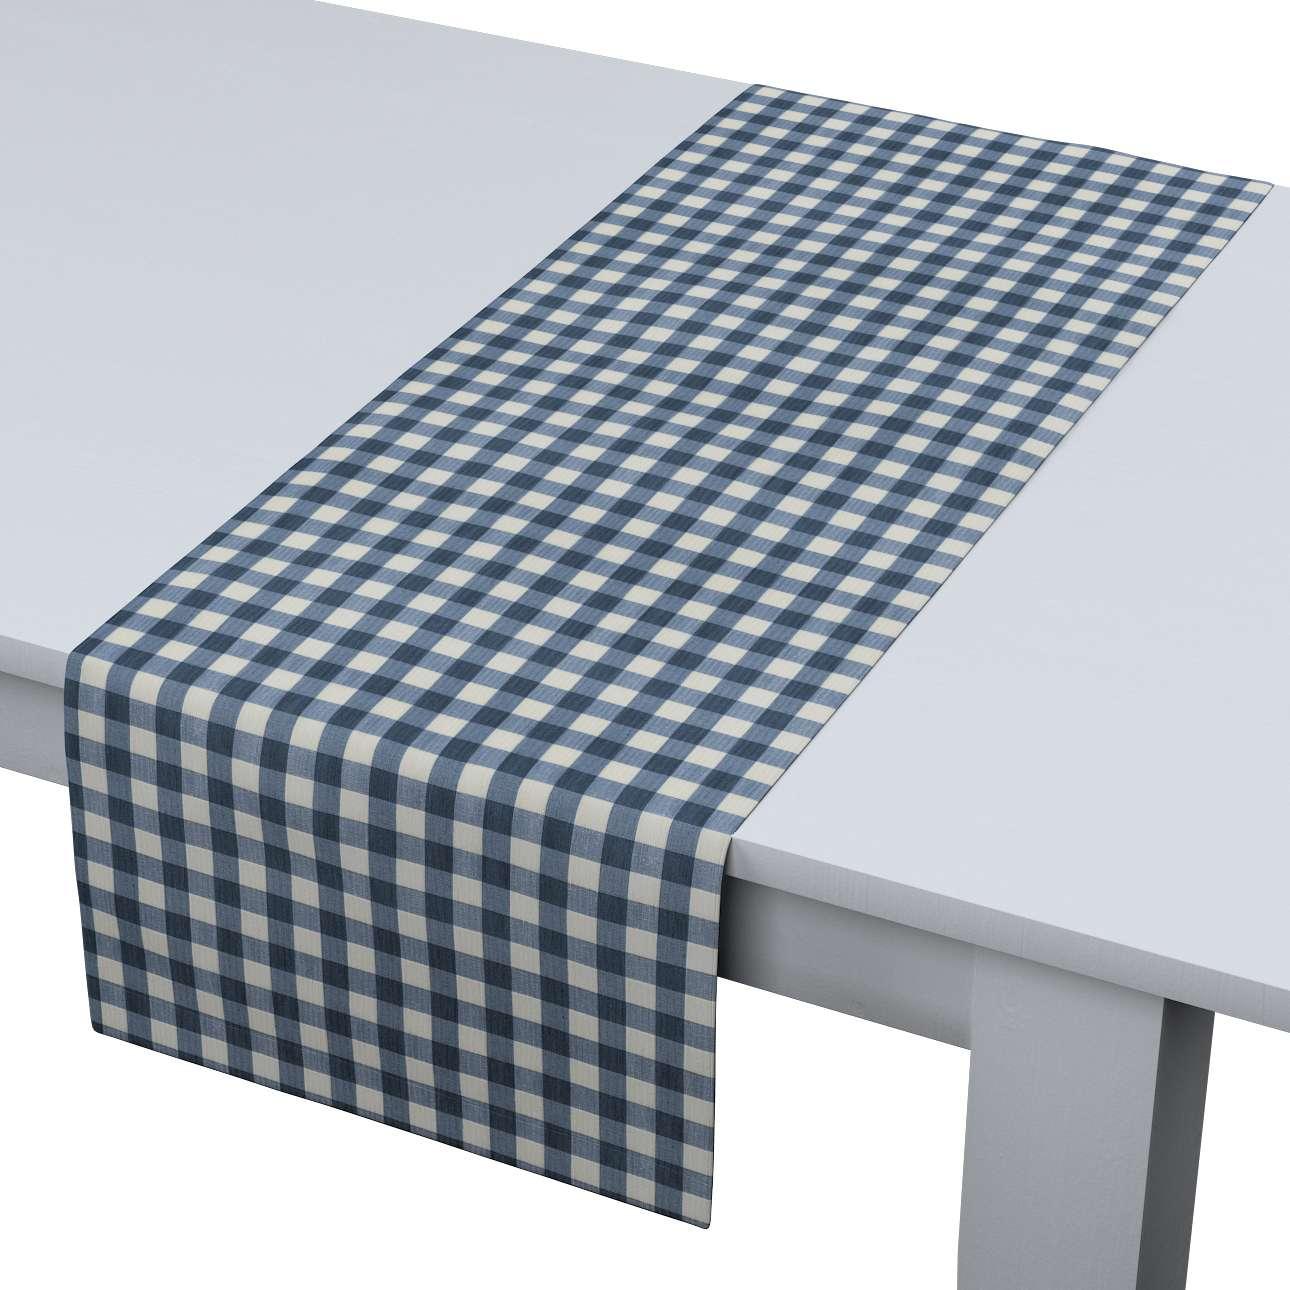 Rechteckiger Tischläufer 40 x 130 cm von der Kollektion Quadro, Stoff: 136-01